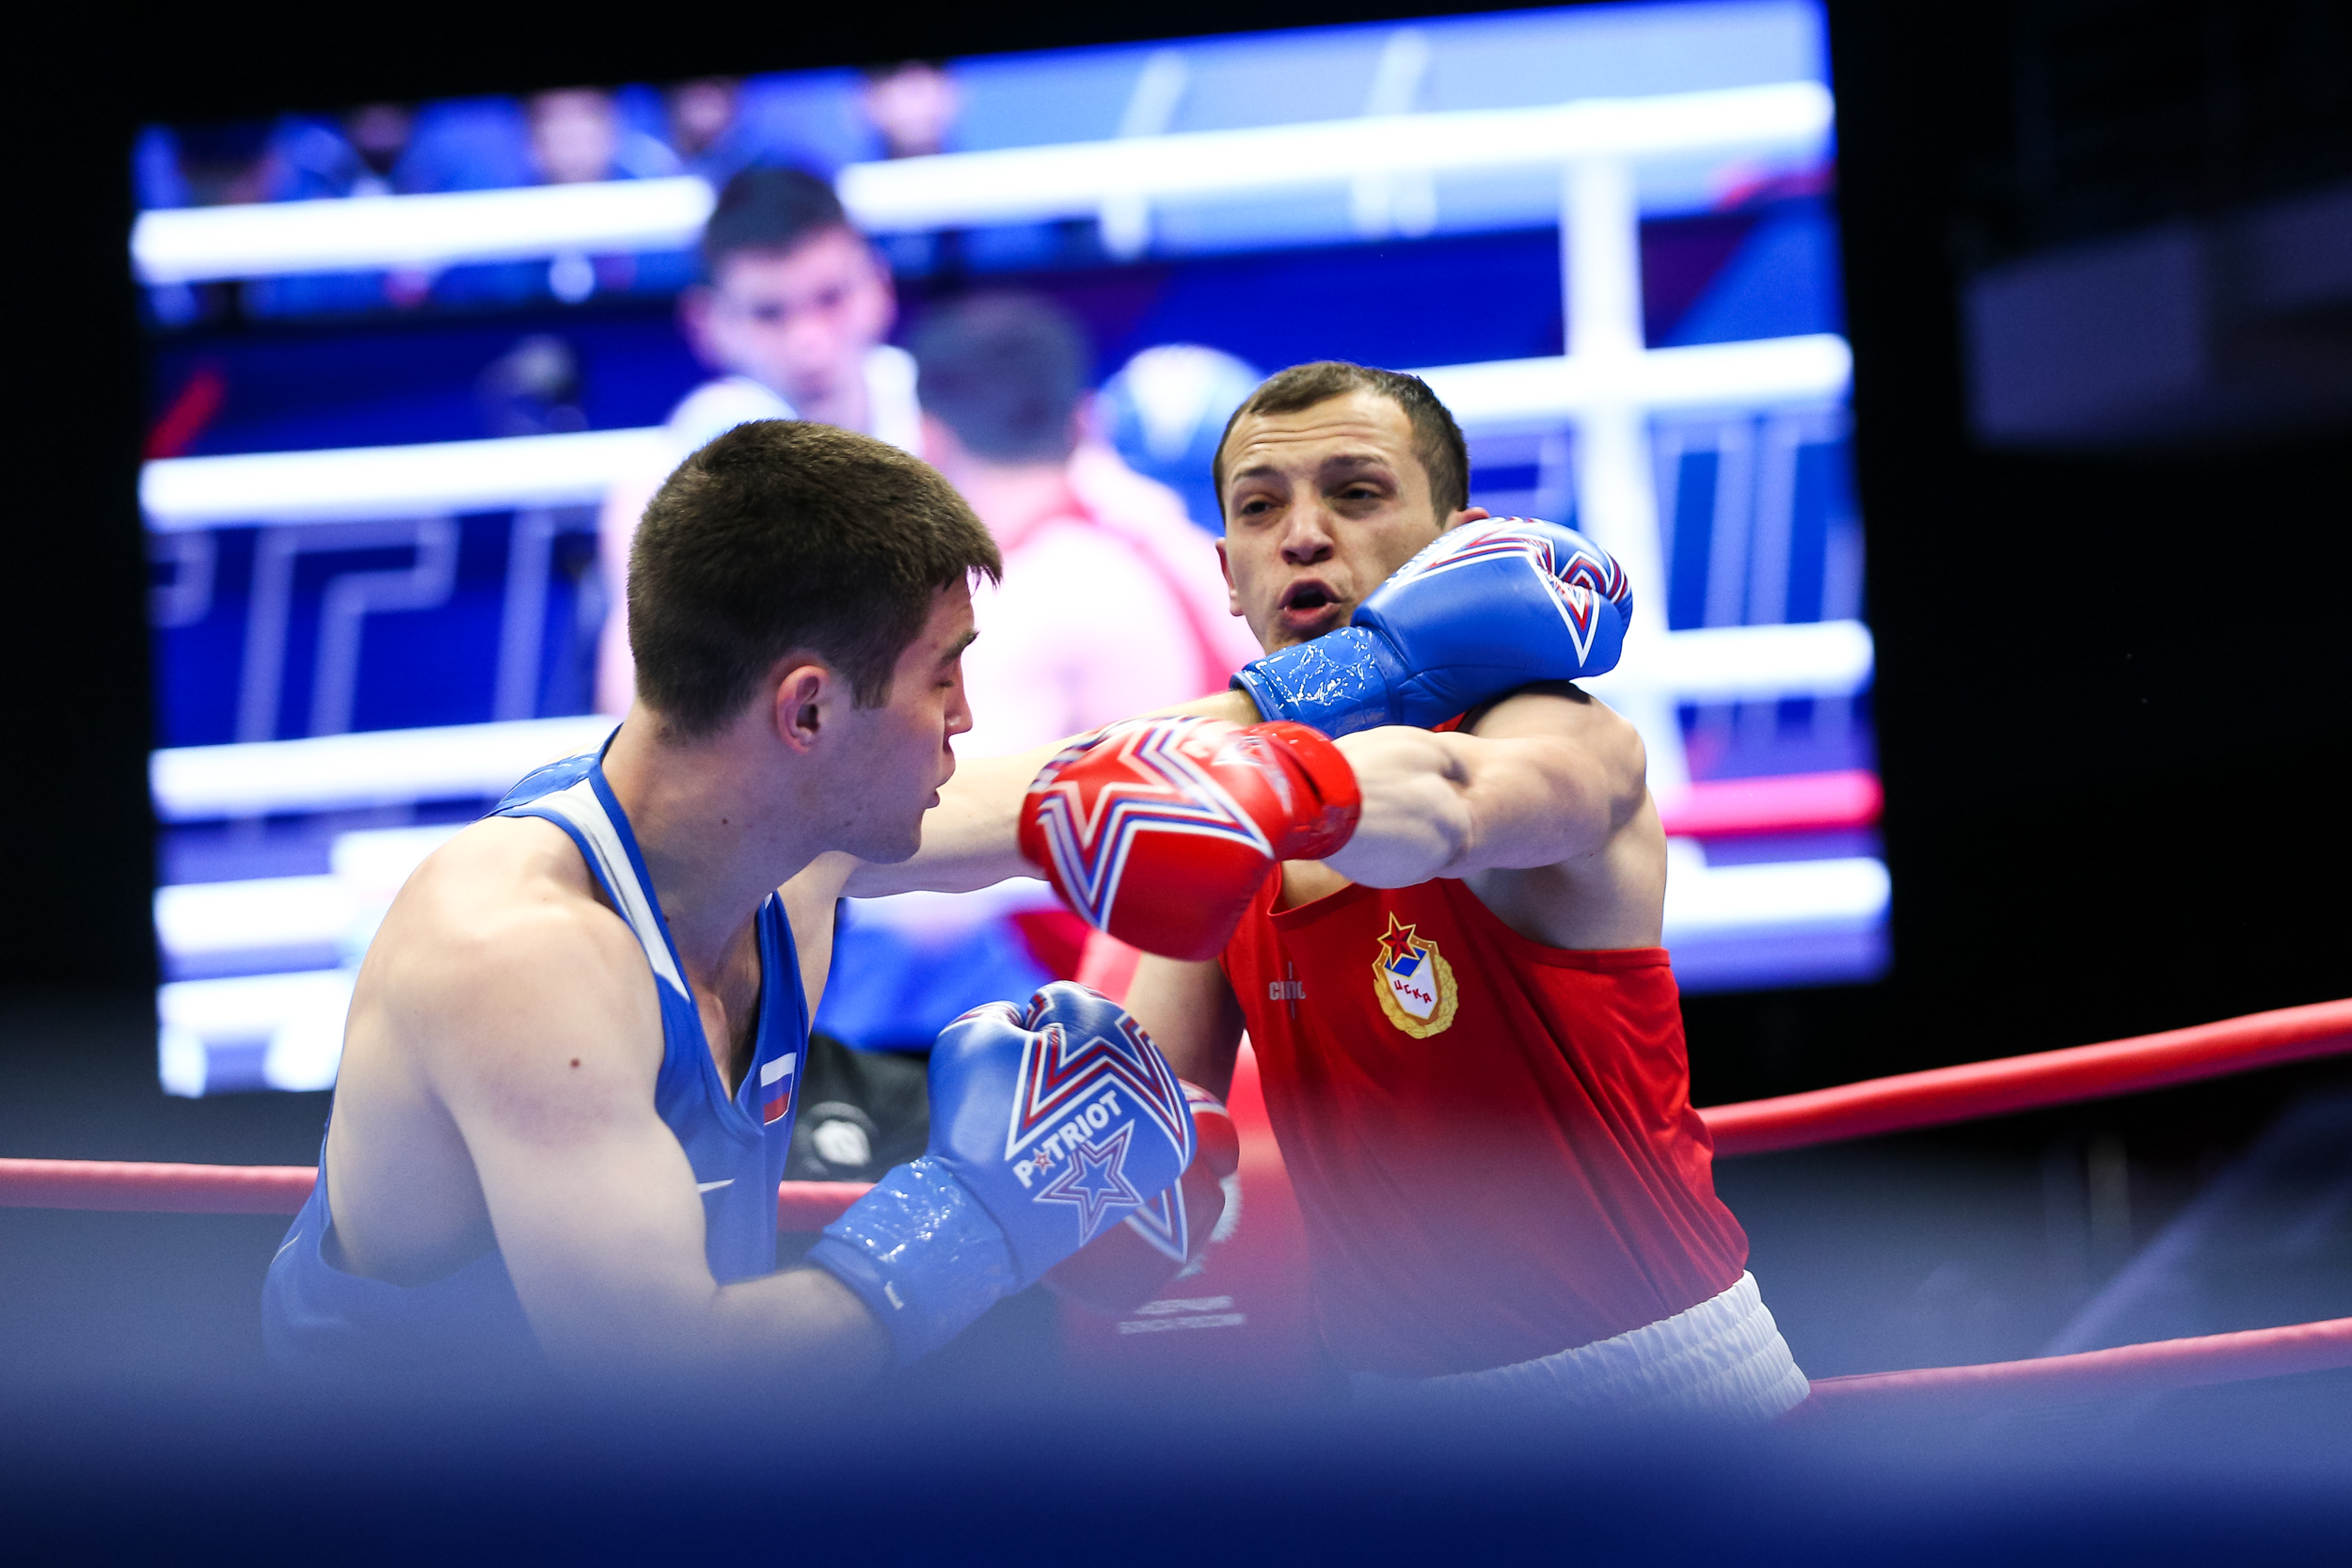 В Екатеринбурге стартовал командный Кубок России по боксу среди мужчин